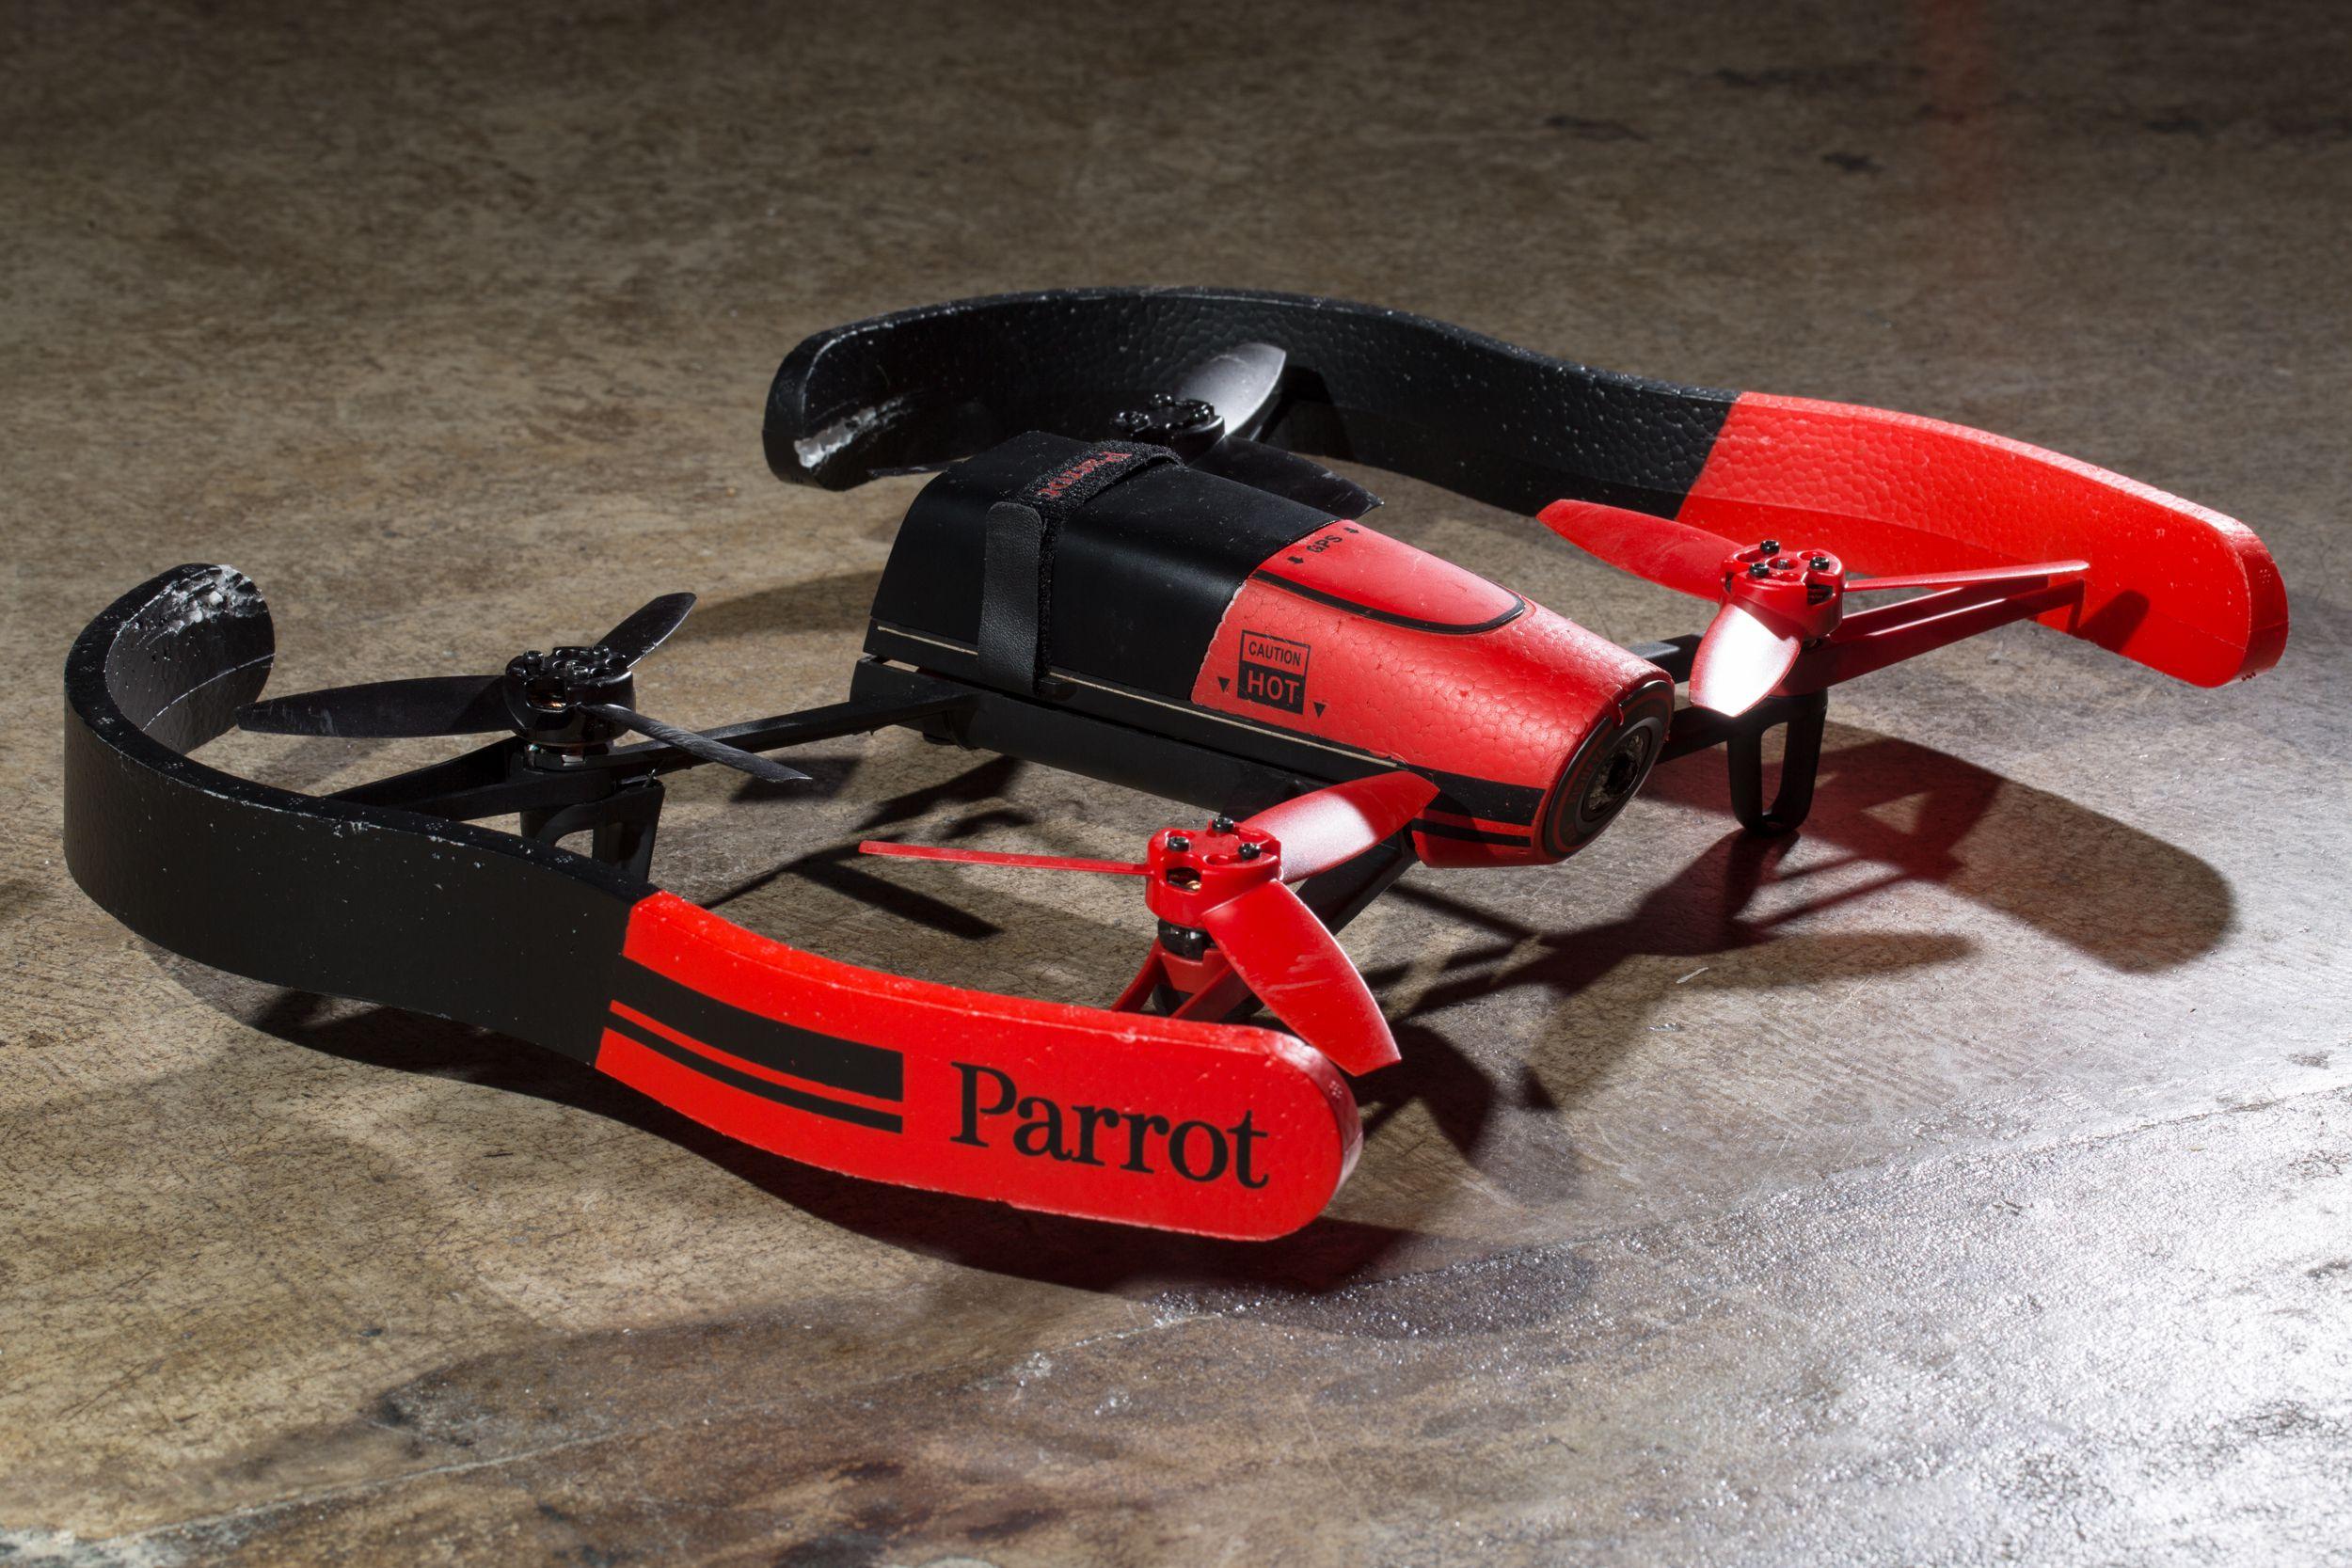 parrot bebop drone review ambitious unique but dangerously